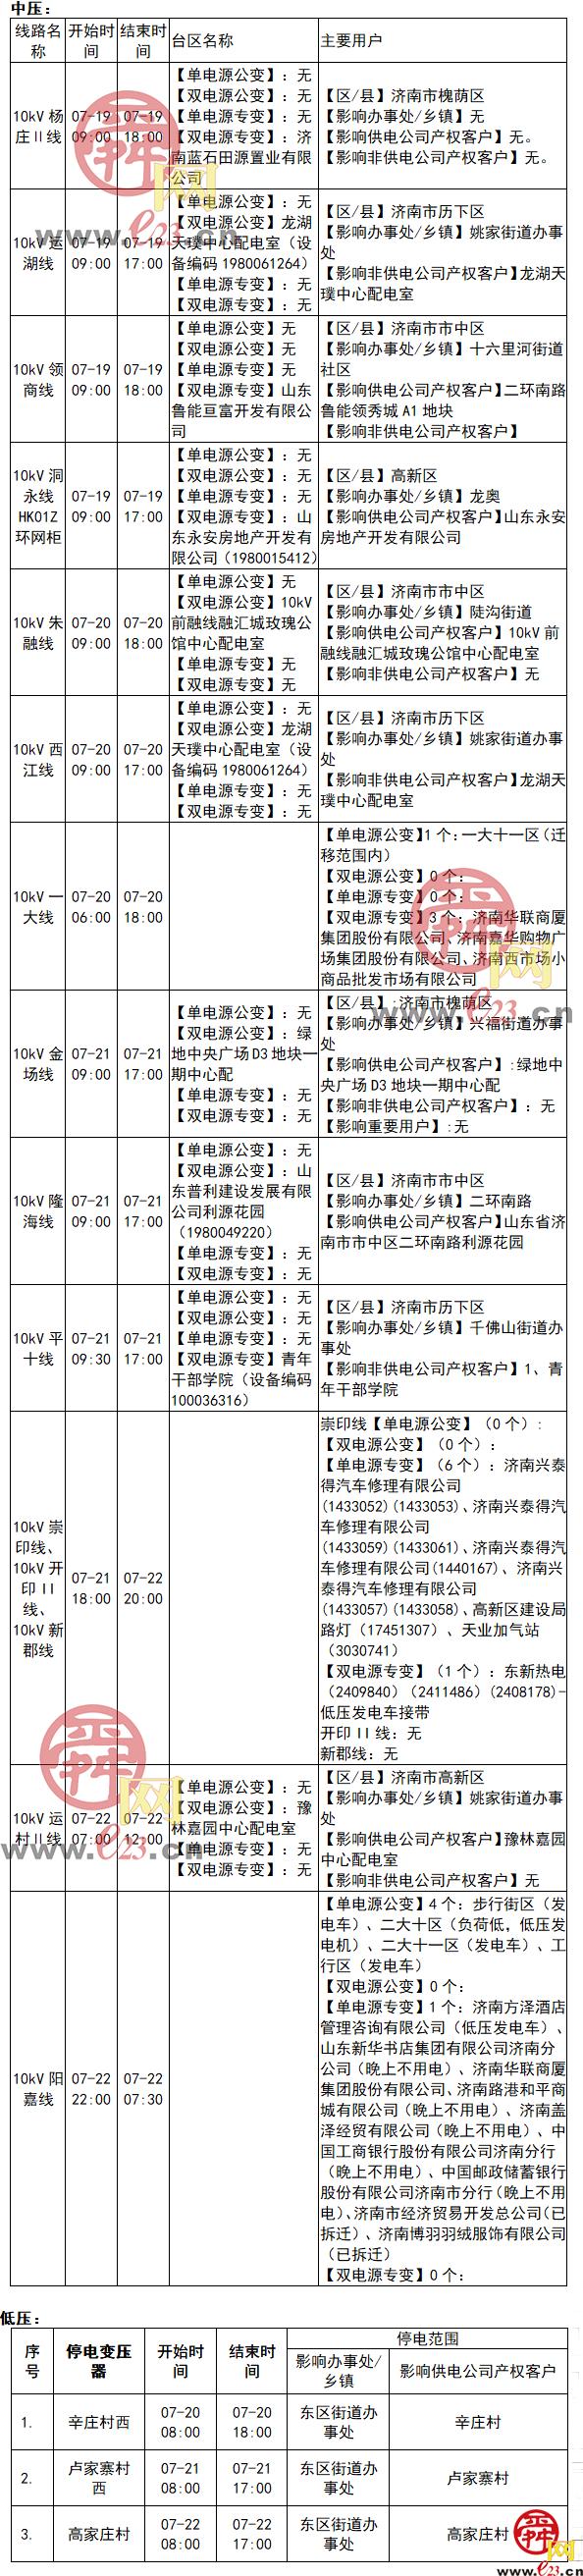 2021年7月19日至7月25日济南部分区域电力设备检修通知